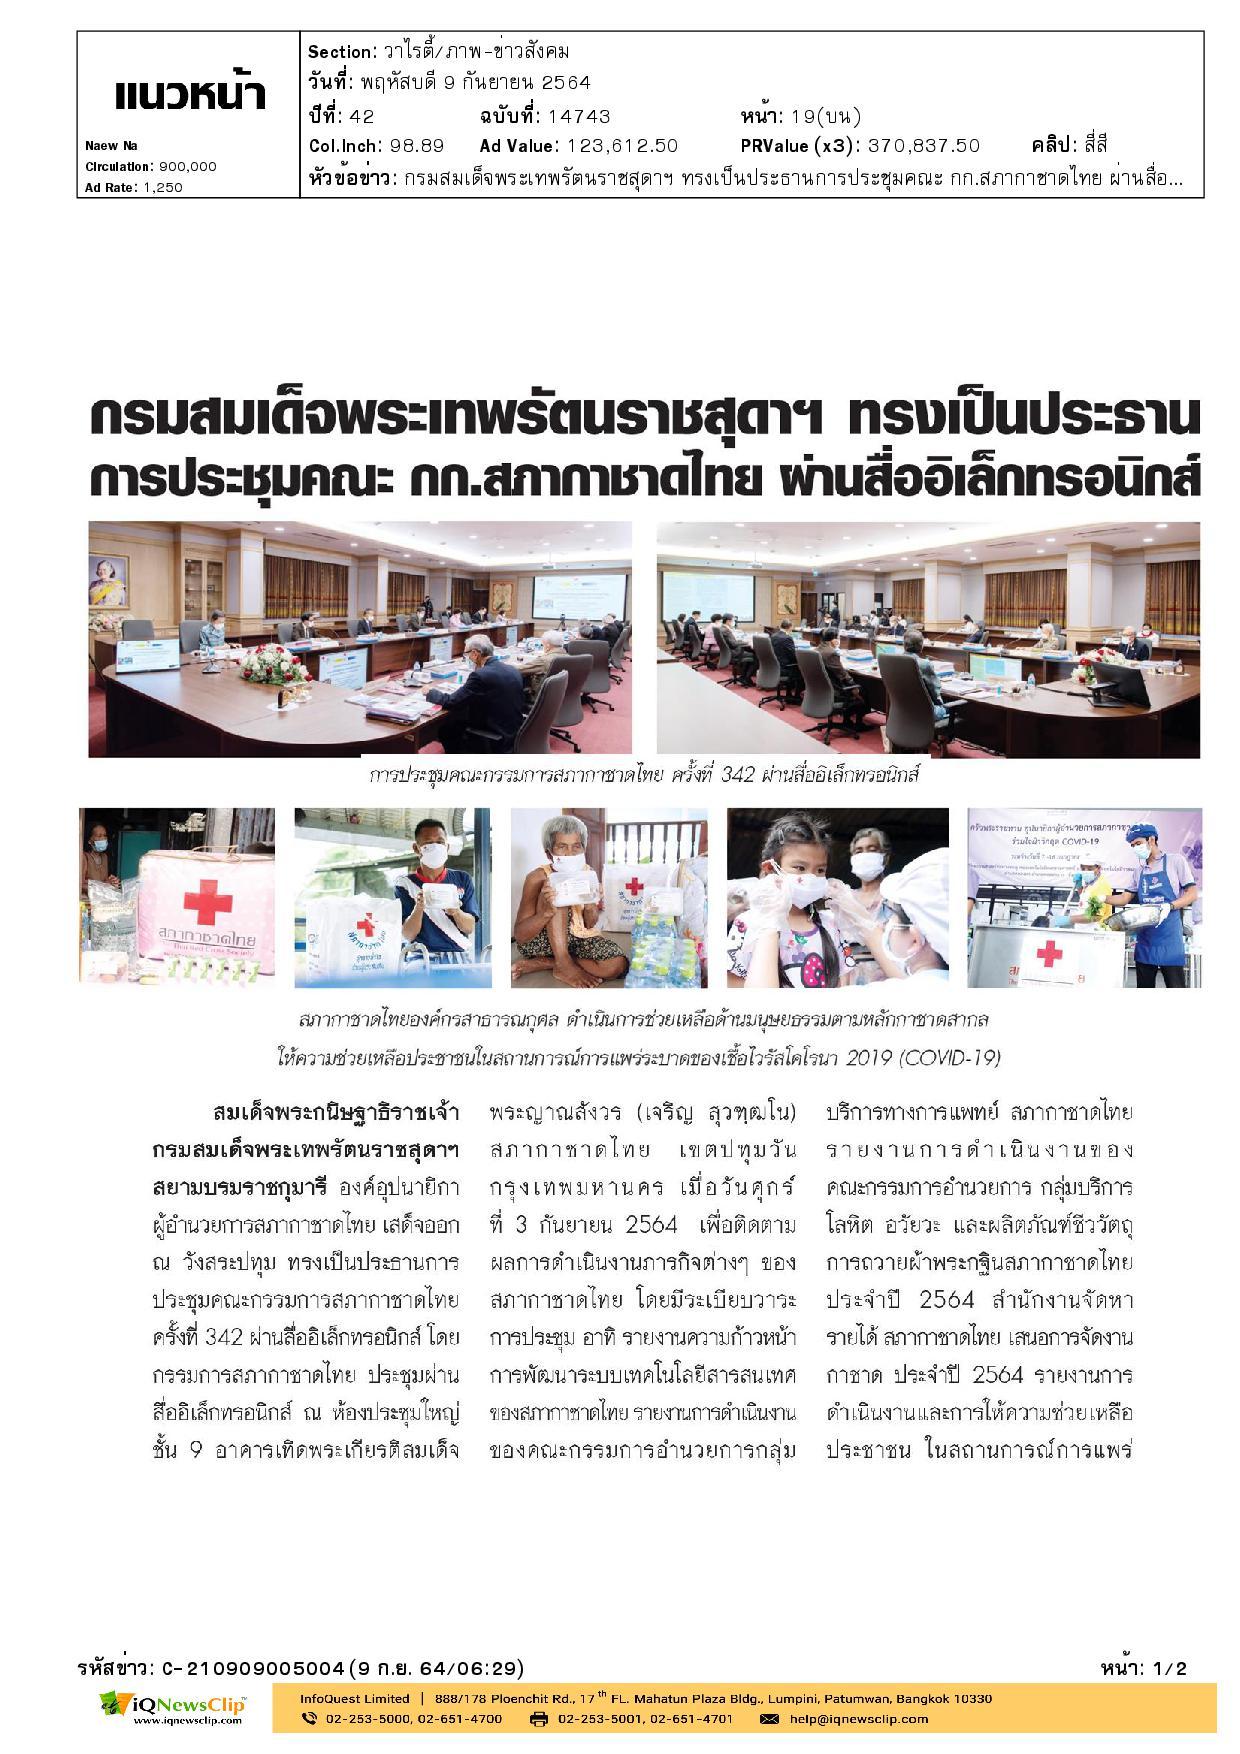 สมเด็จพระกนิษฐาธิราชเจ้า กรมสมเด็จพระเทพรัตนราชสุดาฯ  สยามบรมราชกุมารี ทรงเป็นประธานการประชุมคณะกรรมการ สภากาชาดไทย ครั้งที่ 342 ผ่านสื่ออิเล็กทรอนิกส์